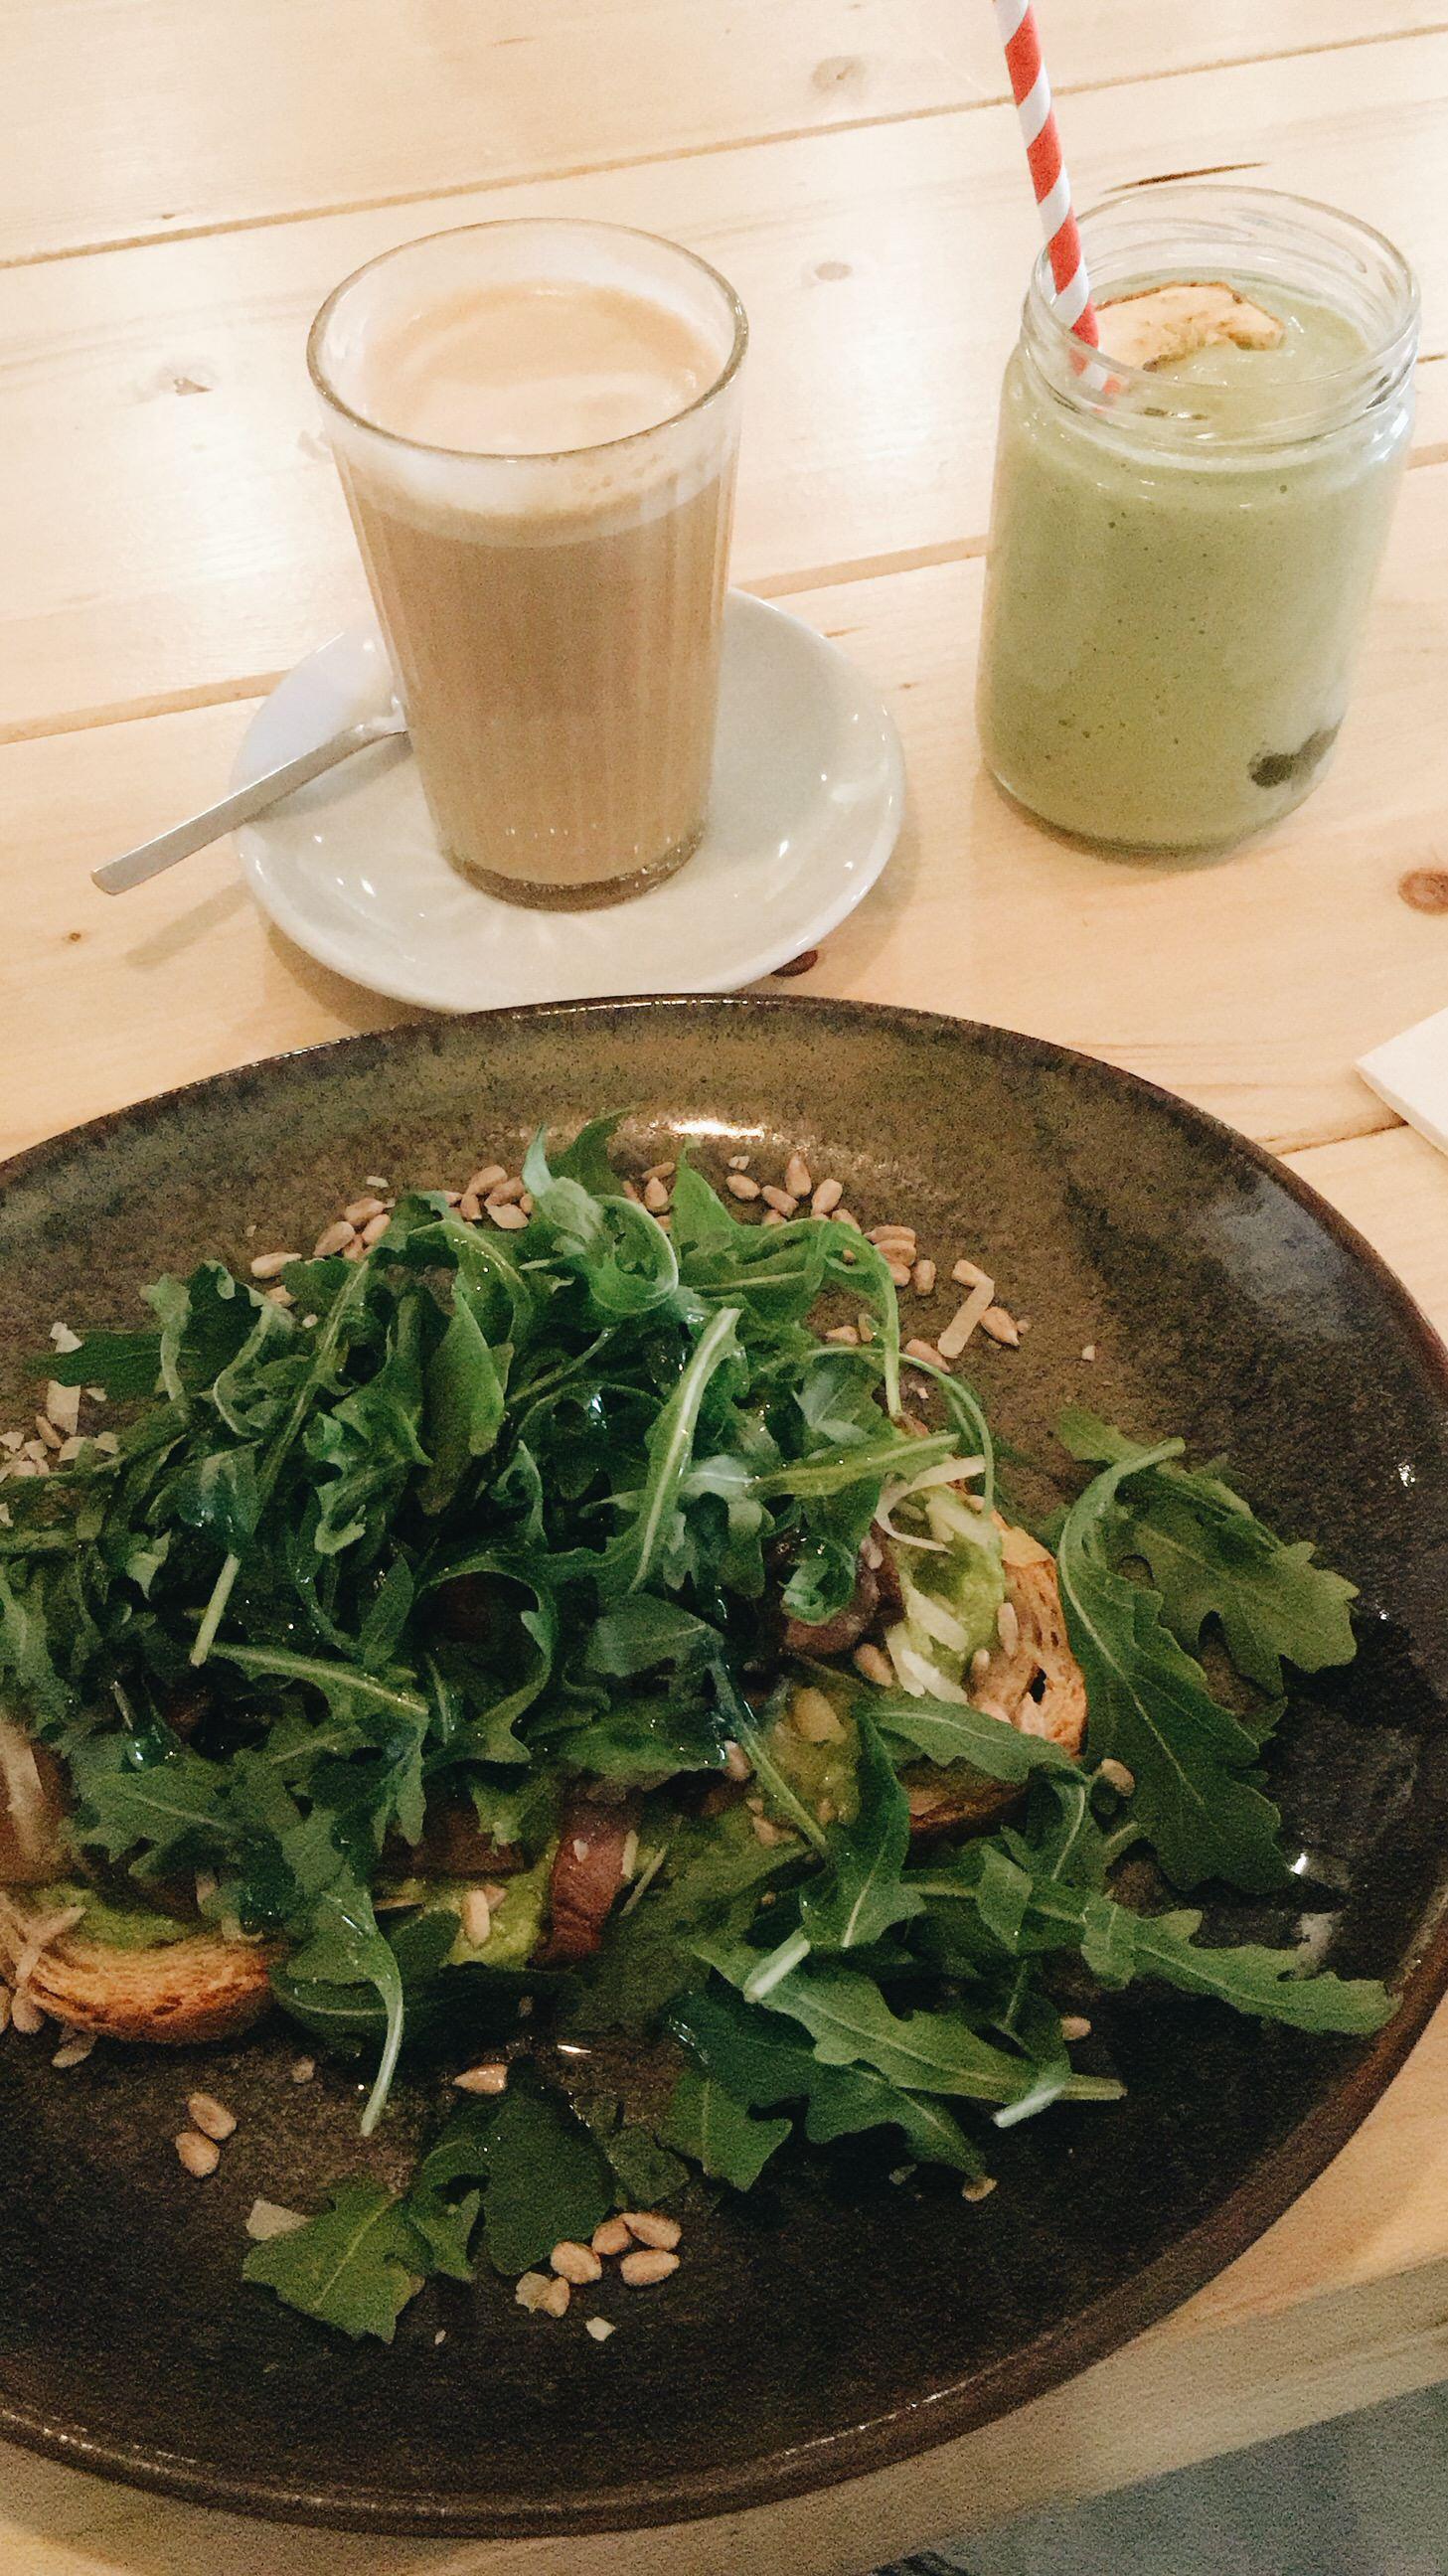 Restauranttipps für Lissabon Flora und Faune Cafe und Frühstück